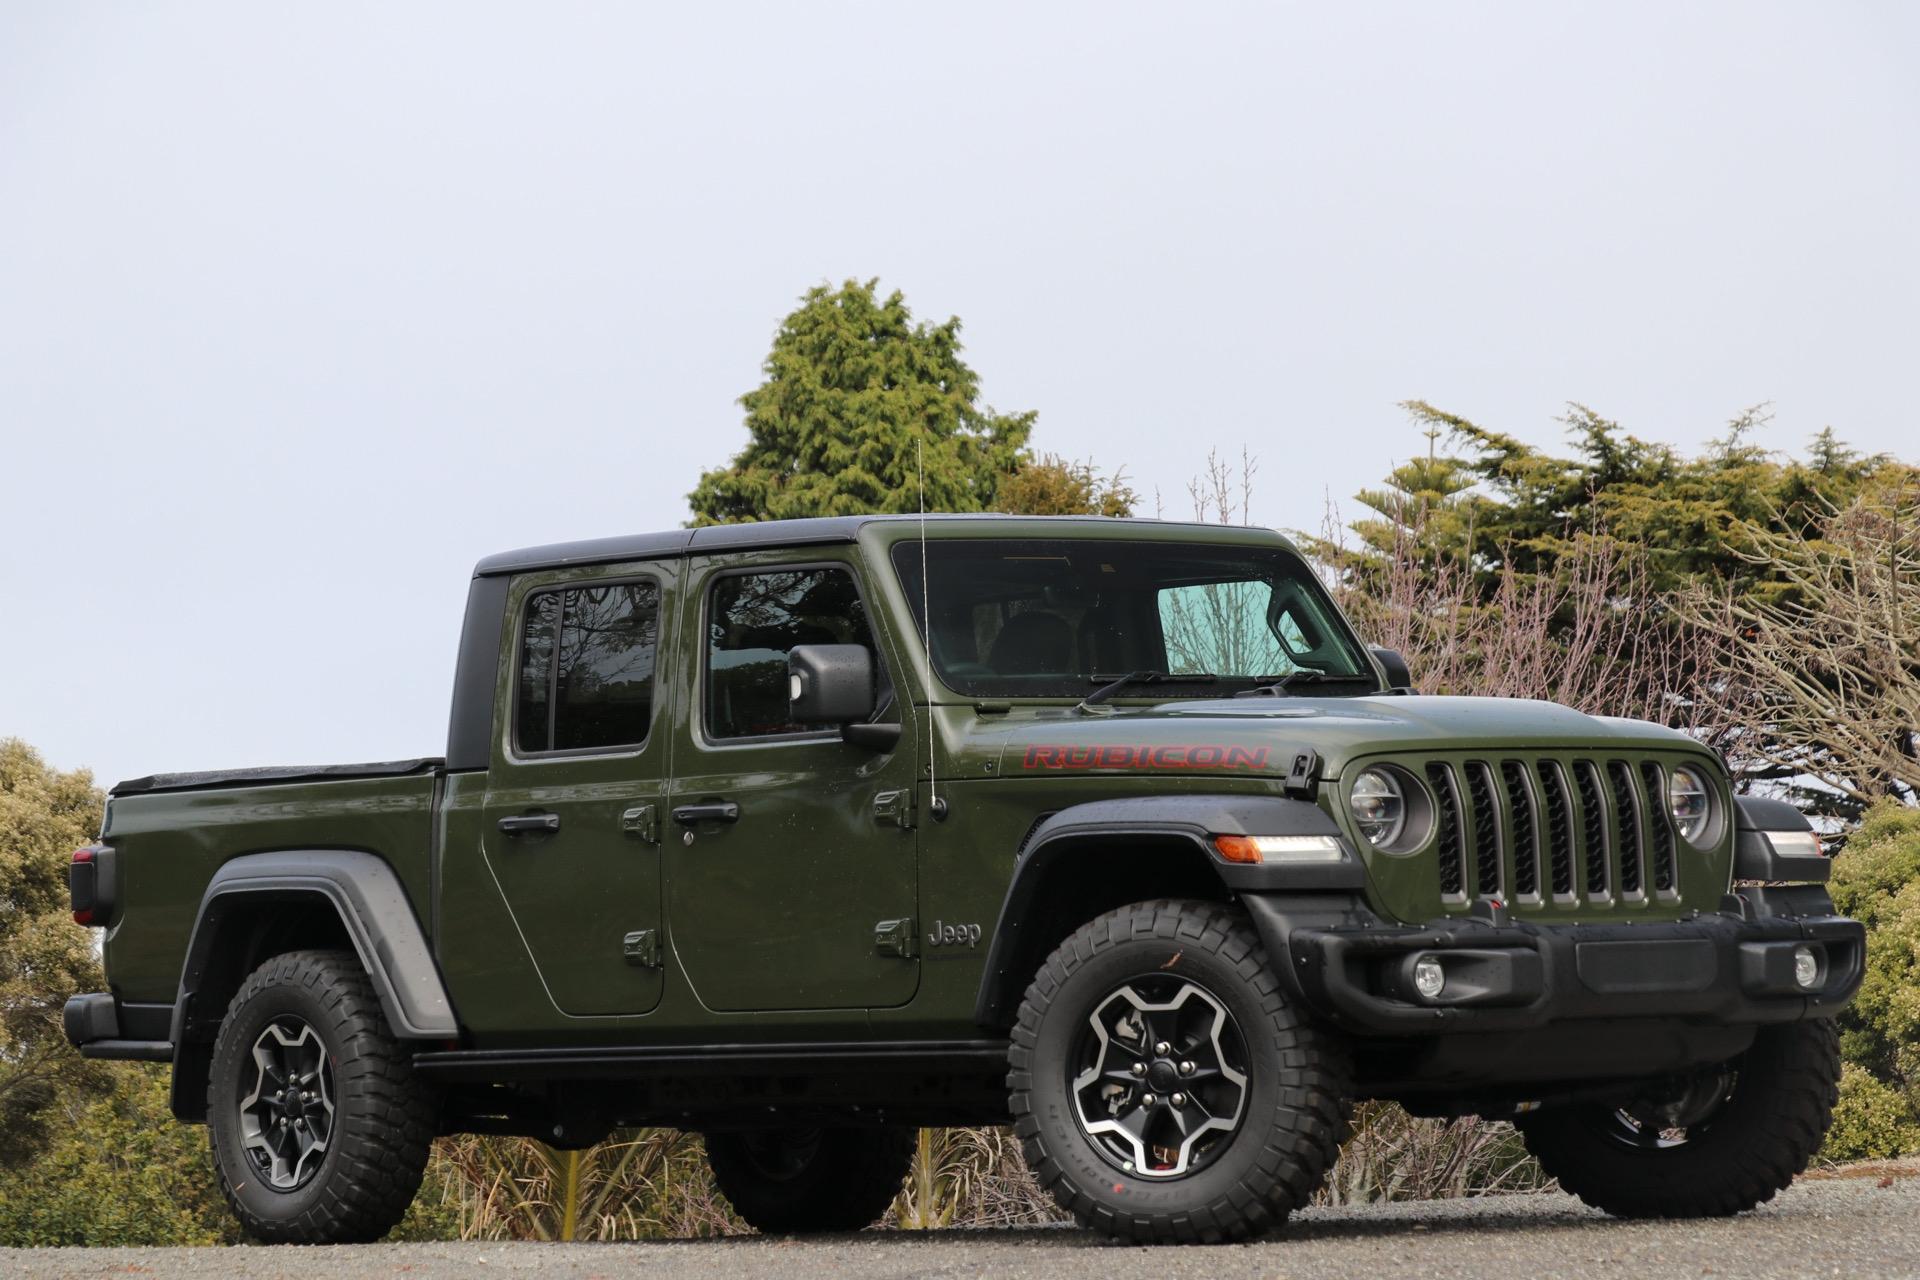 2021 Jeep Gladiator4DR Rubicon 3.6L Petrol Auto